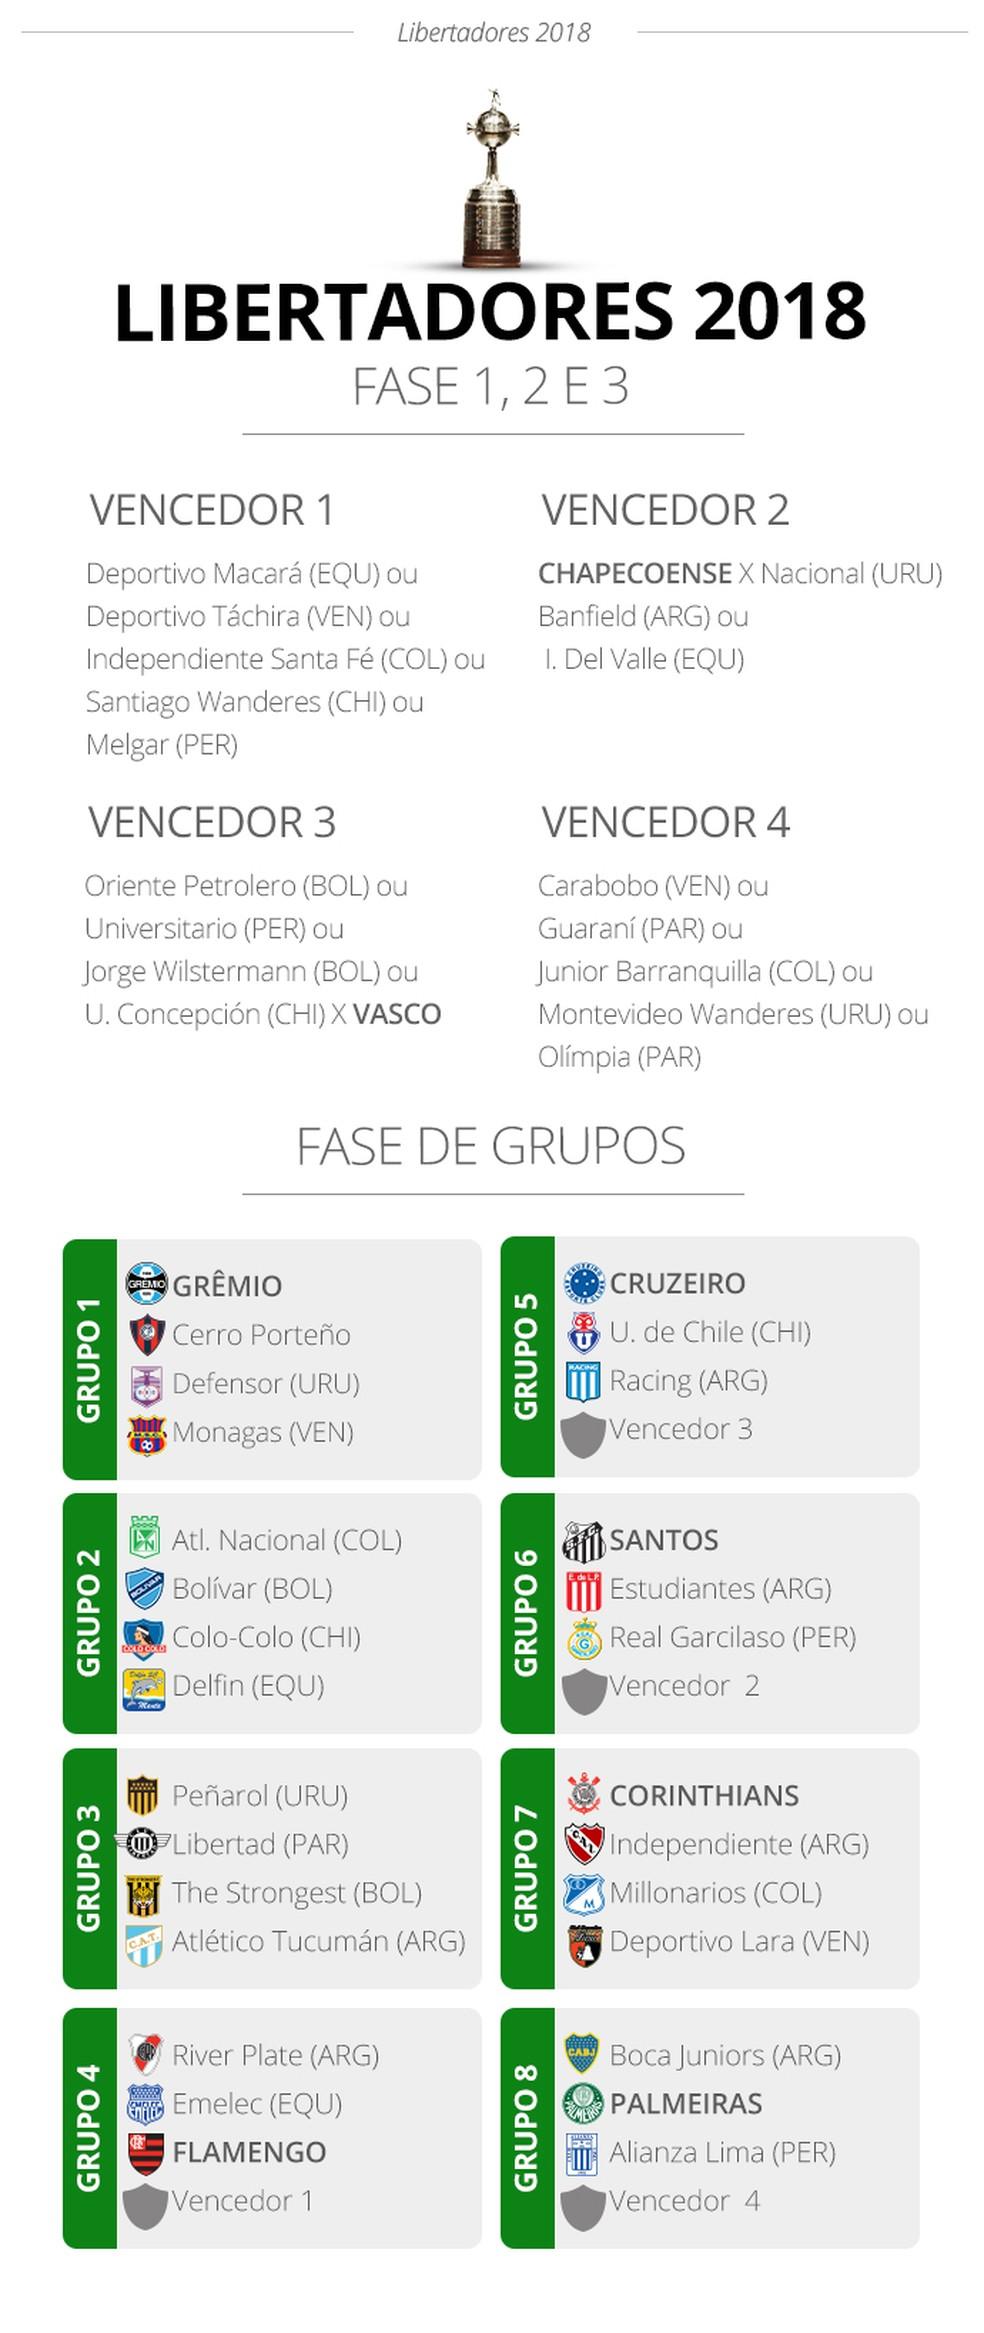 LIBERTADORES - Grupos e confronto todos (Foto: Infoesporte)